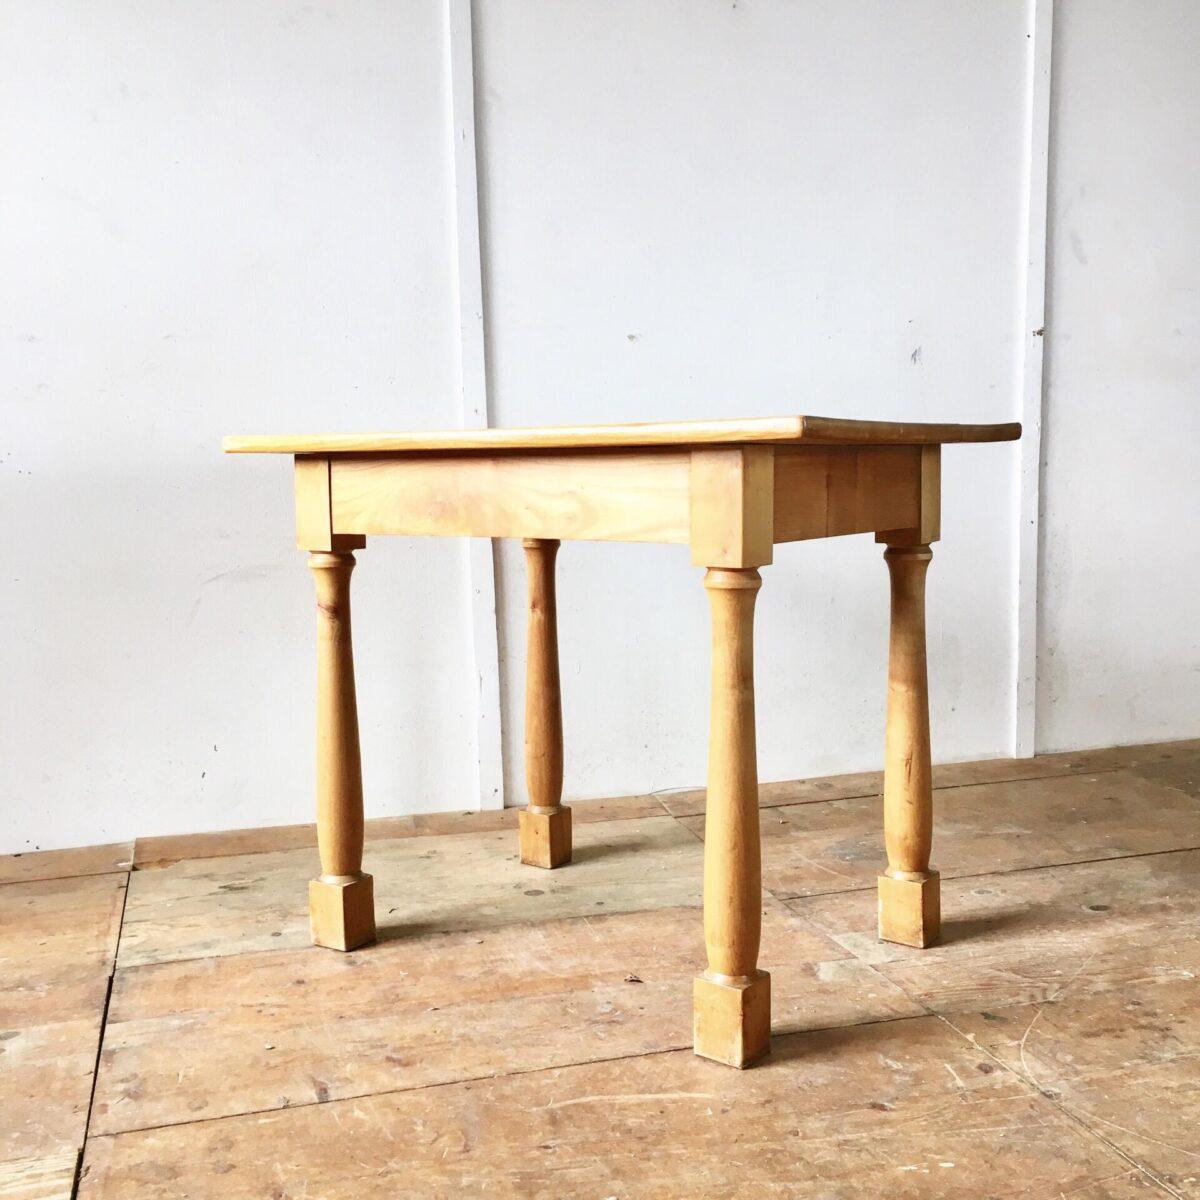 Kirschbaum tisch 94cm mal 64cm höhe 75cm. Schreibtisch mit den etwas anderen Beinen.